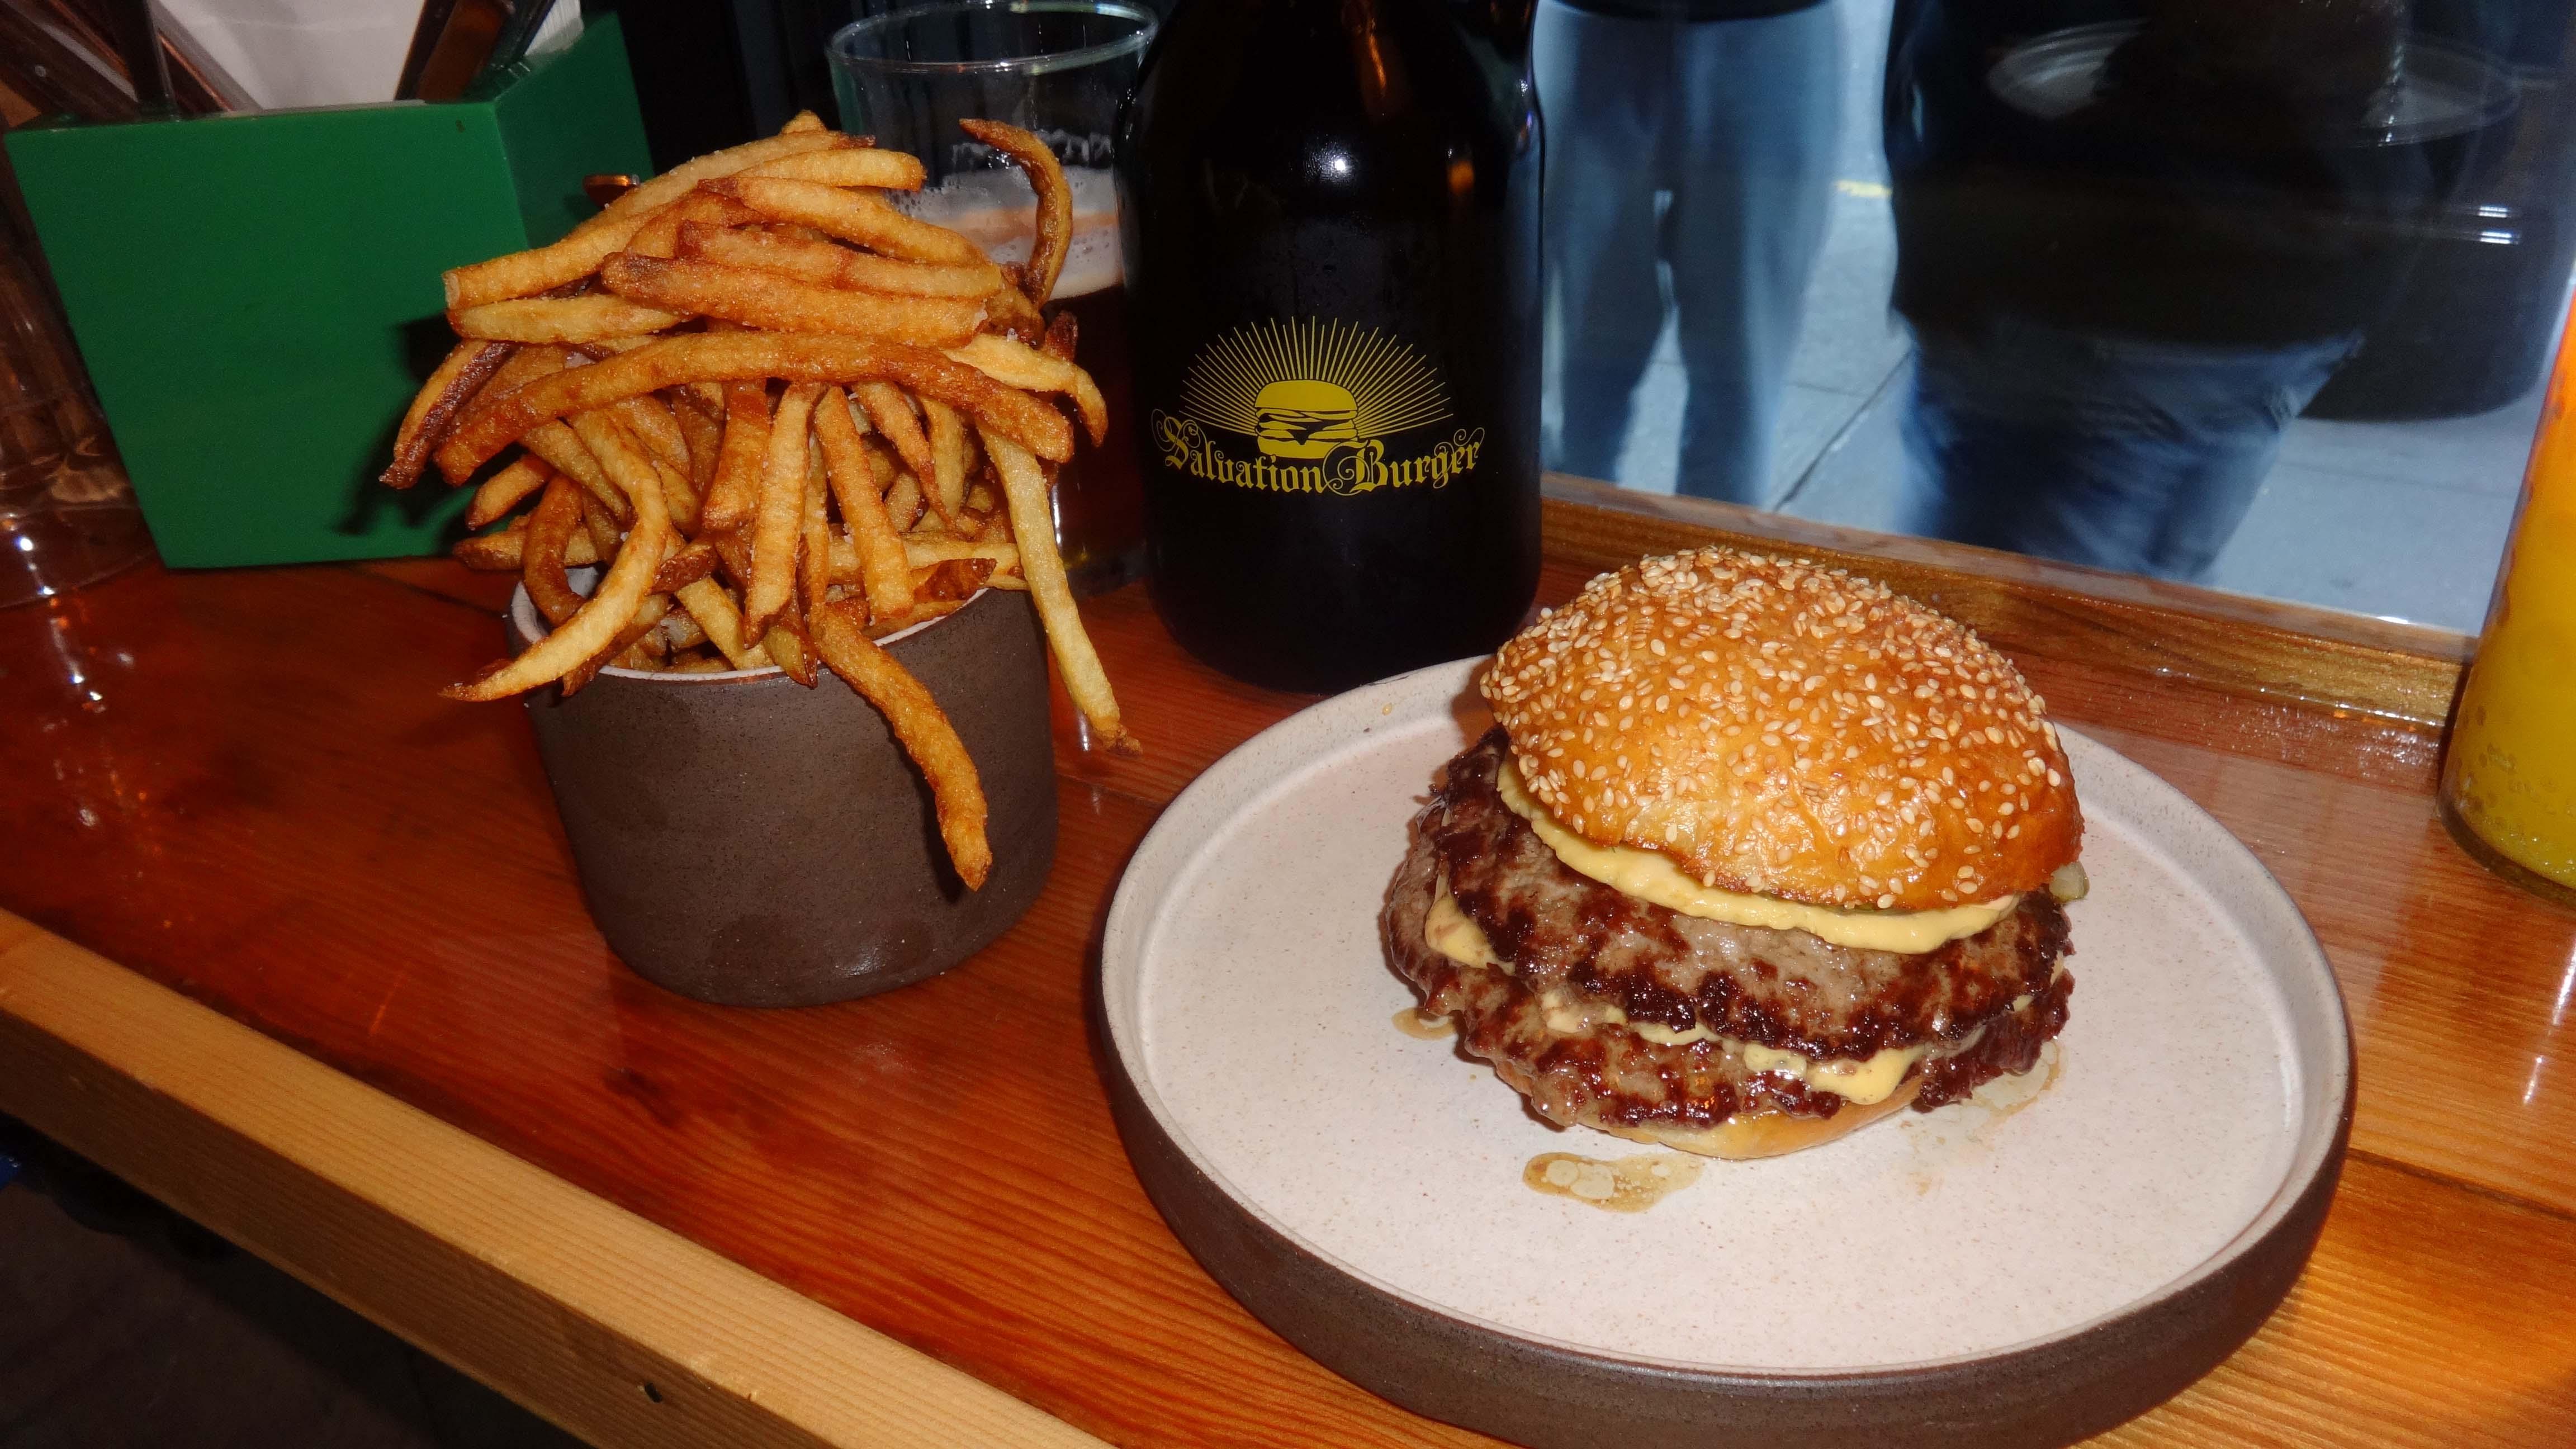 Salvation Burger burger and fries